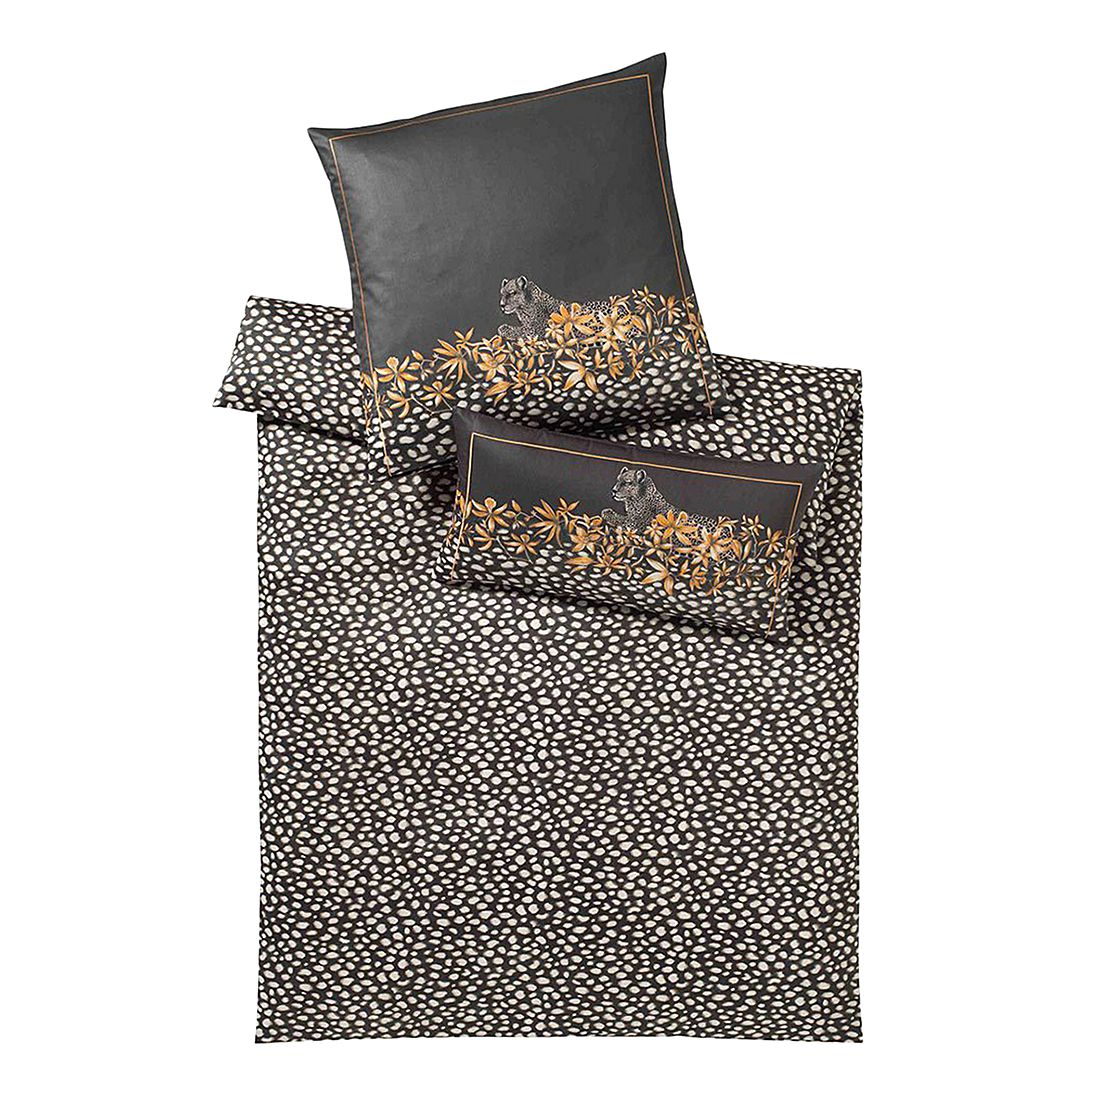 Bettwäsche Wildcat Ebenholz – Baumwolle – Grau – 155X220 cm + 80X80 cm, elegante günstig